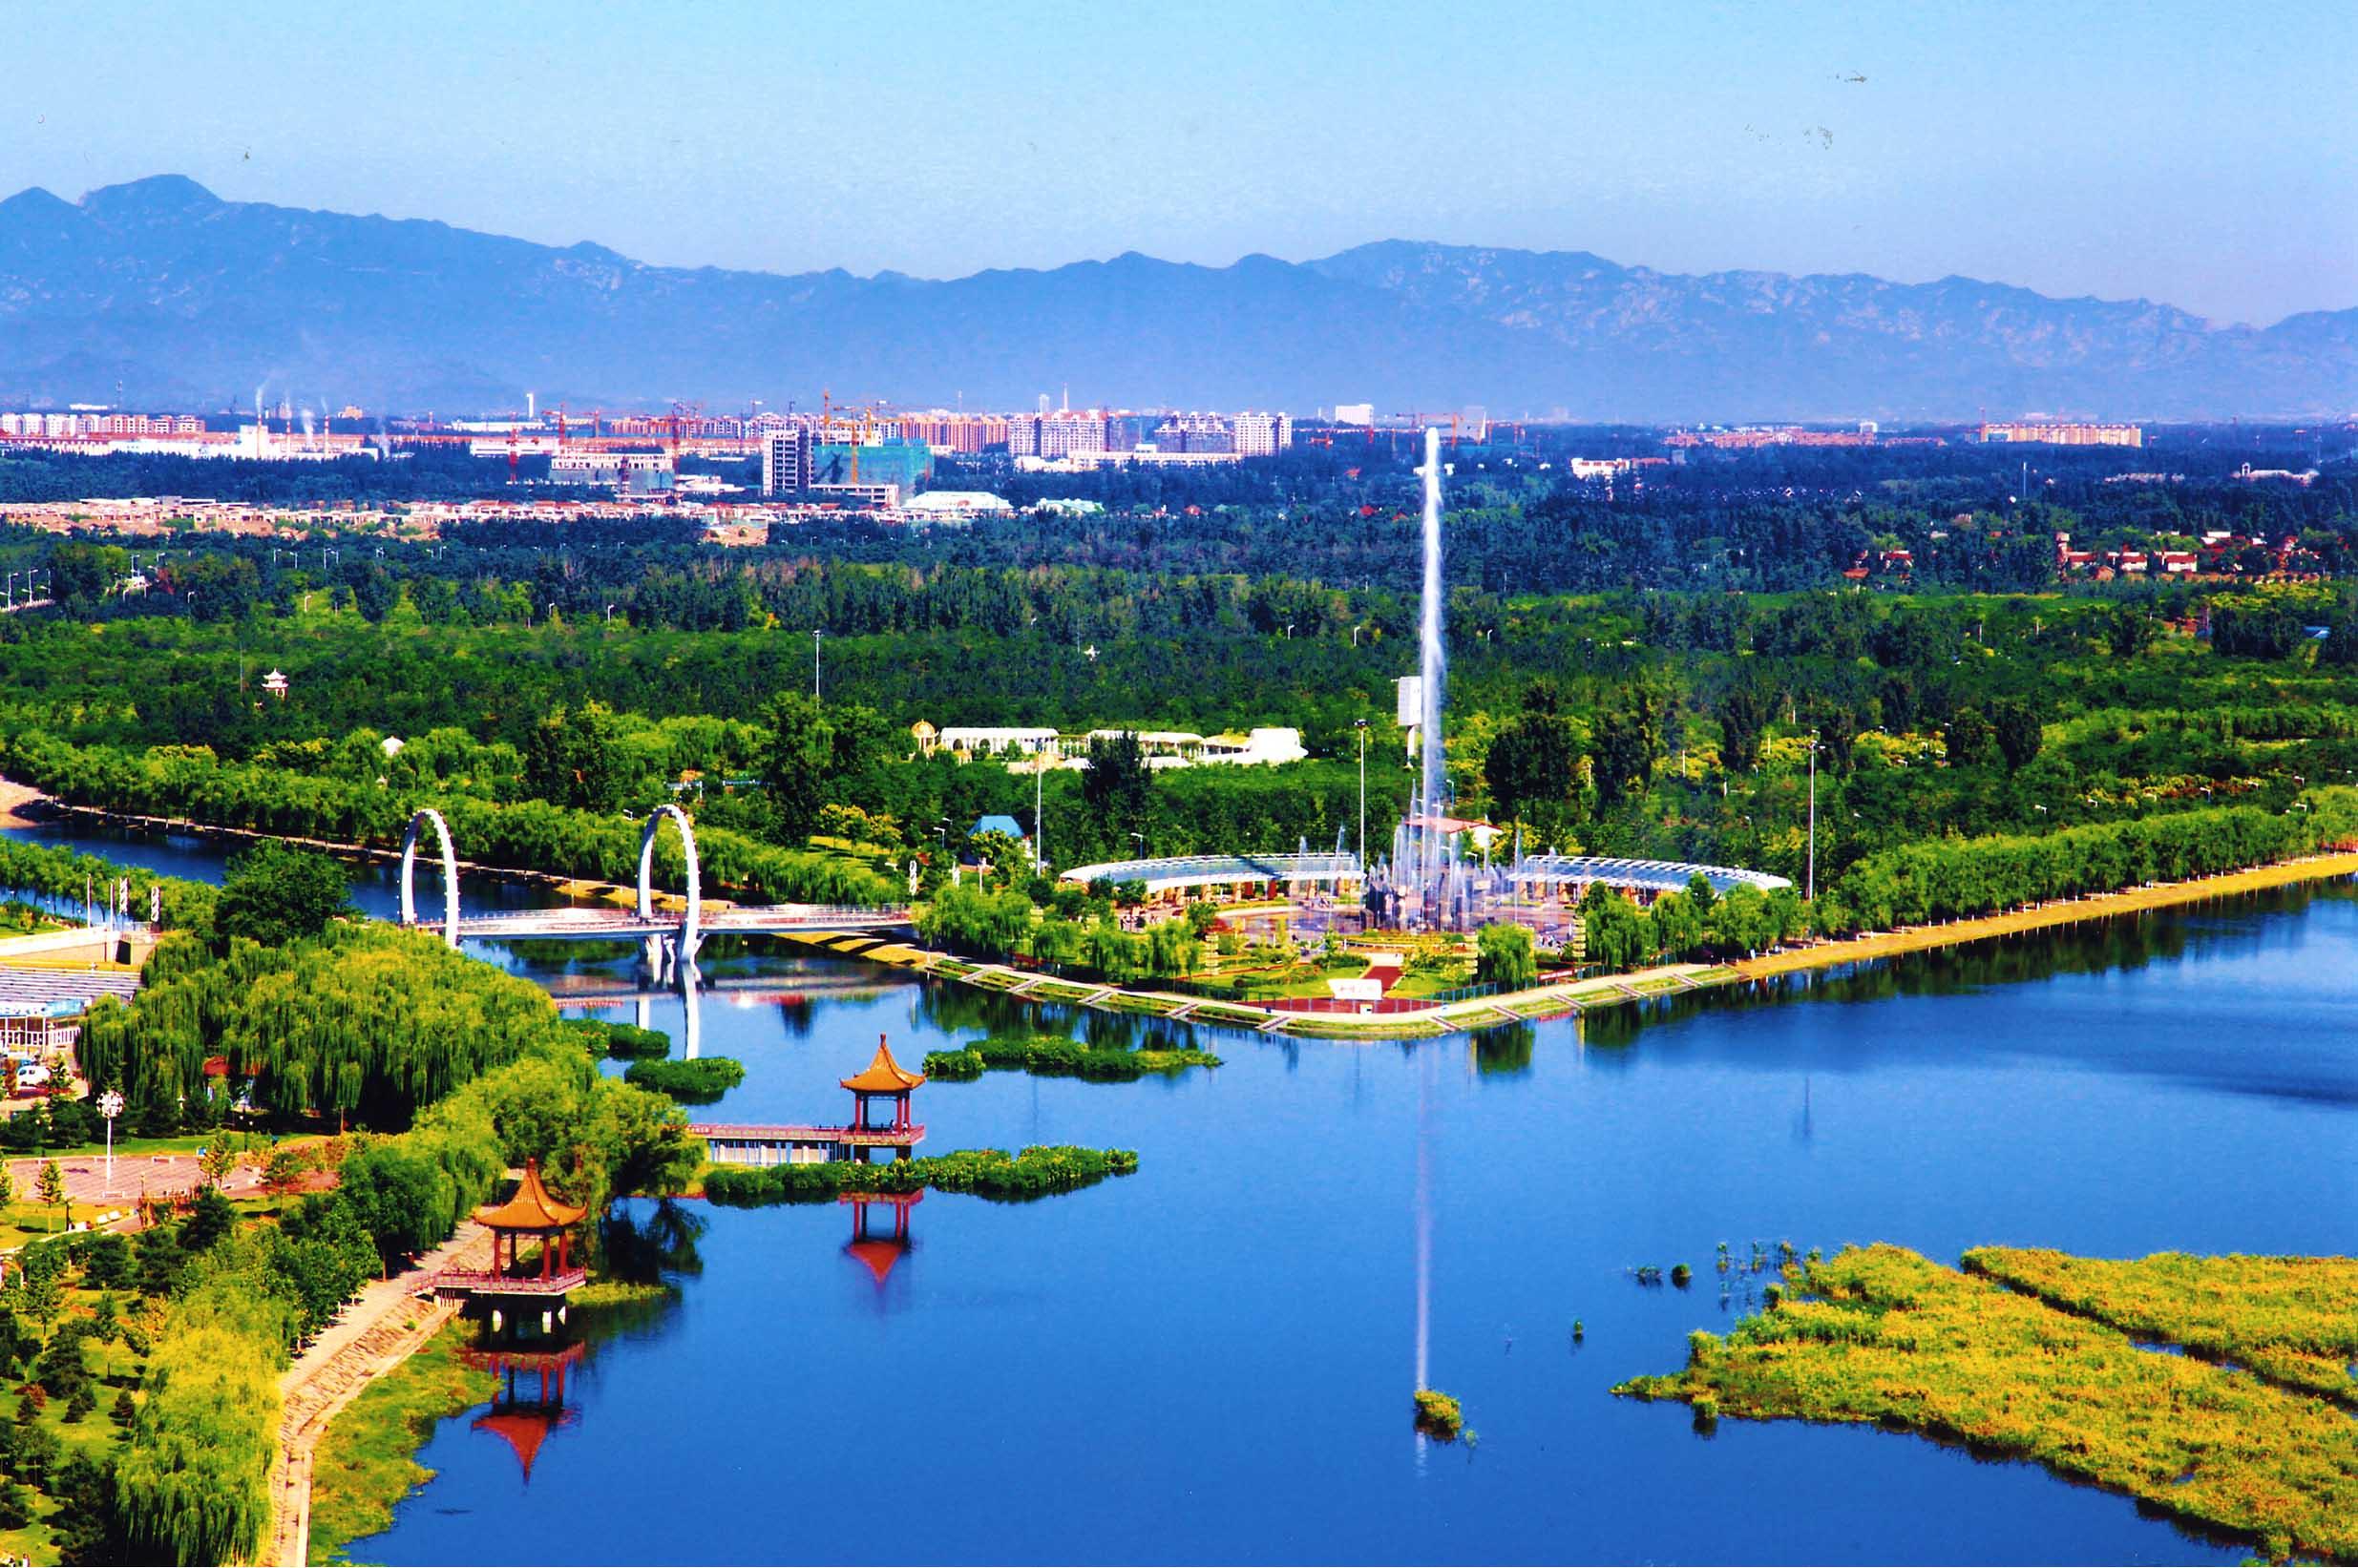 双河之汇。张金泉 摄 开车走在京平高速与东六环的交会处,窗外就能看到大片大片的绿色,水面穿过郁郁葱葱的森林,与绿植、花卉错落分布,远远望去,湿地与森林交融在一起,宛若一片独特的水上森林。这就是京东最大的湿地公园东郊森林公园,从她身边流淌的,就是潮白河水。虽还未完全建成,公园还是已经吸引了不少市民游玩休憩。完全建成之后,这片广阔的湿地足足有7000多亩,面积相当于8个奥林匹克森林公园。除了东郊森林公园之外,密云、怀柔、顺义也已建成3座滨河森林公园,总面积将近4万亩。4个大型湿地公园点缀在潮白河